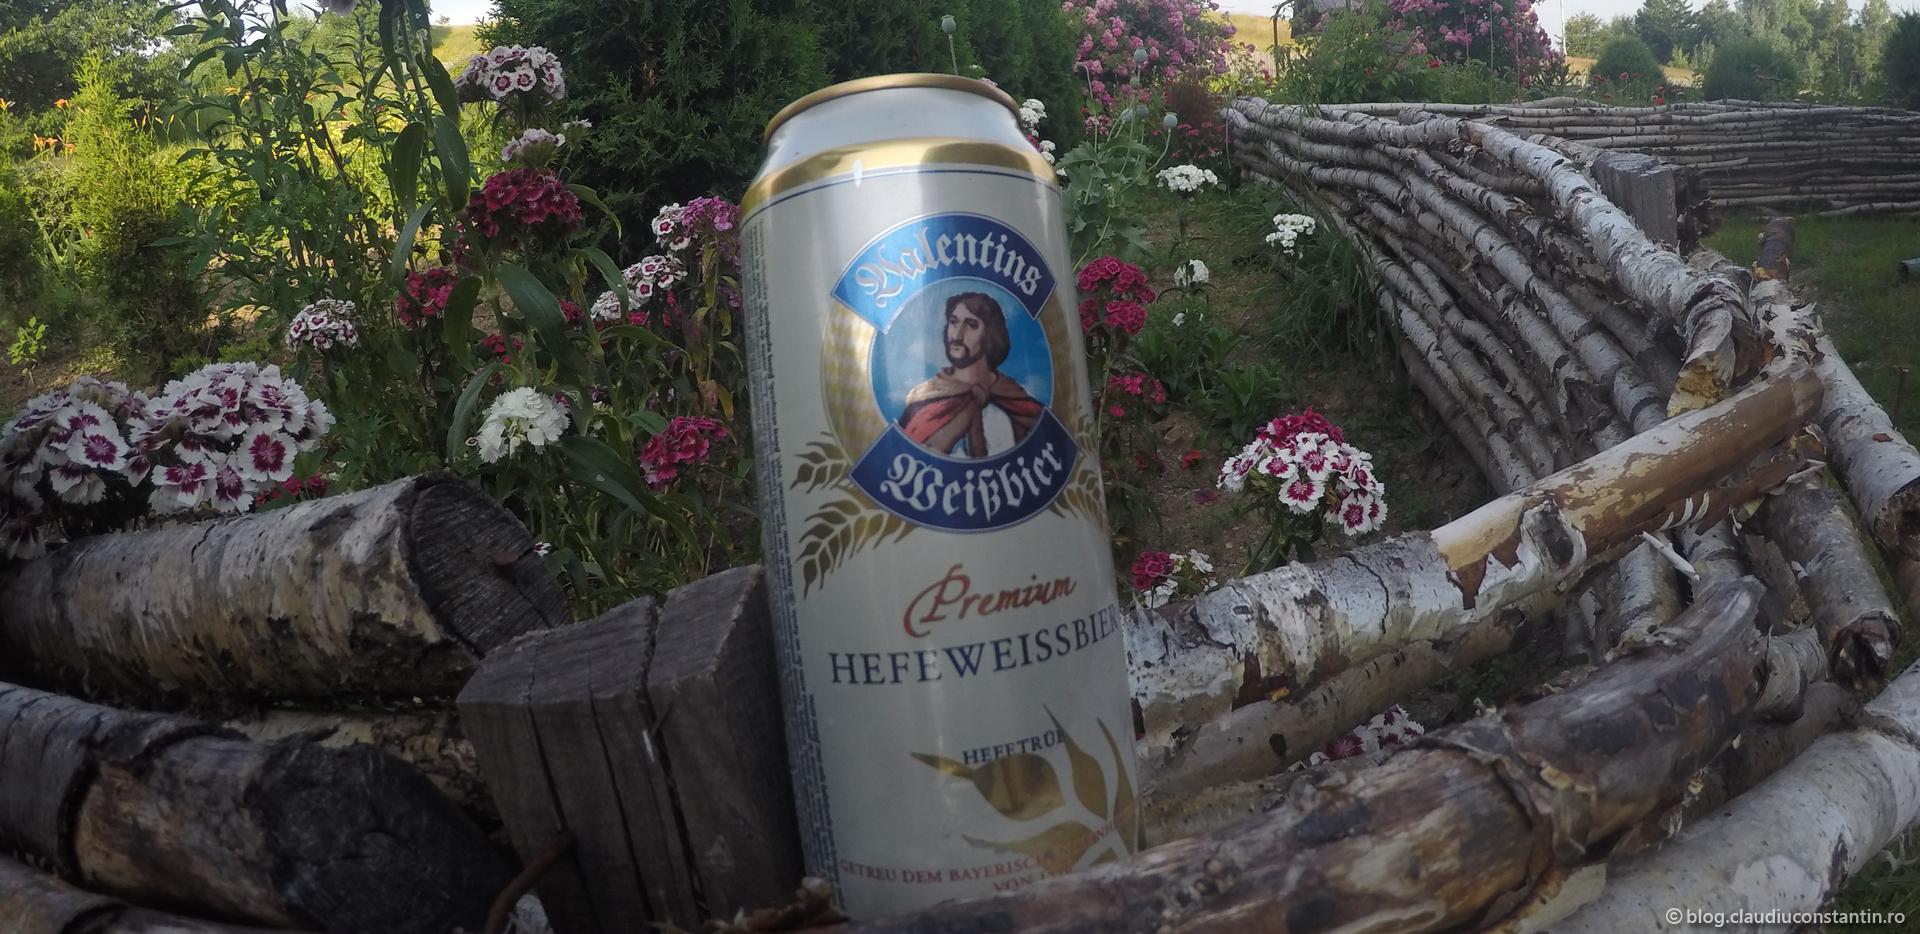 Jesus beer